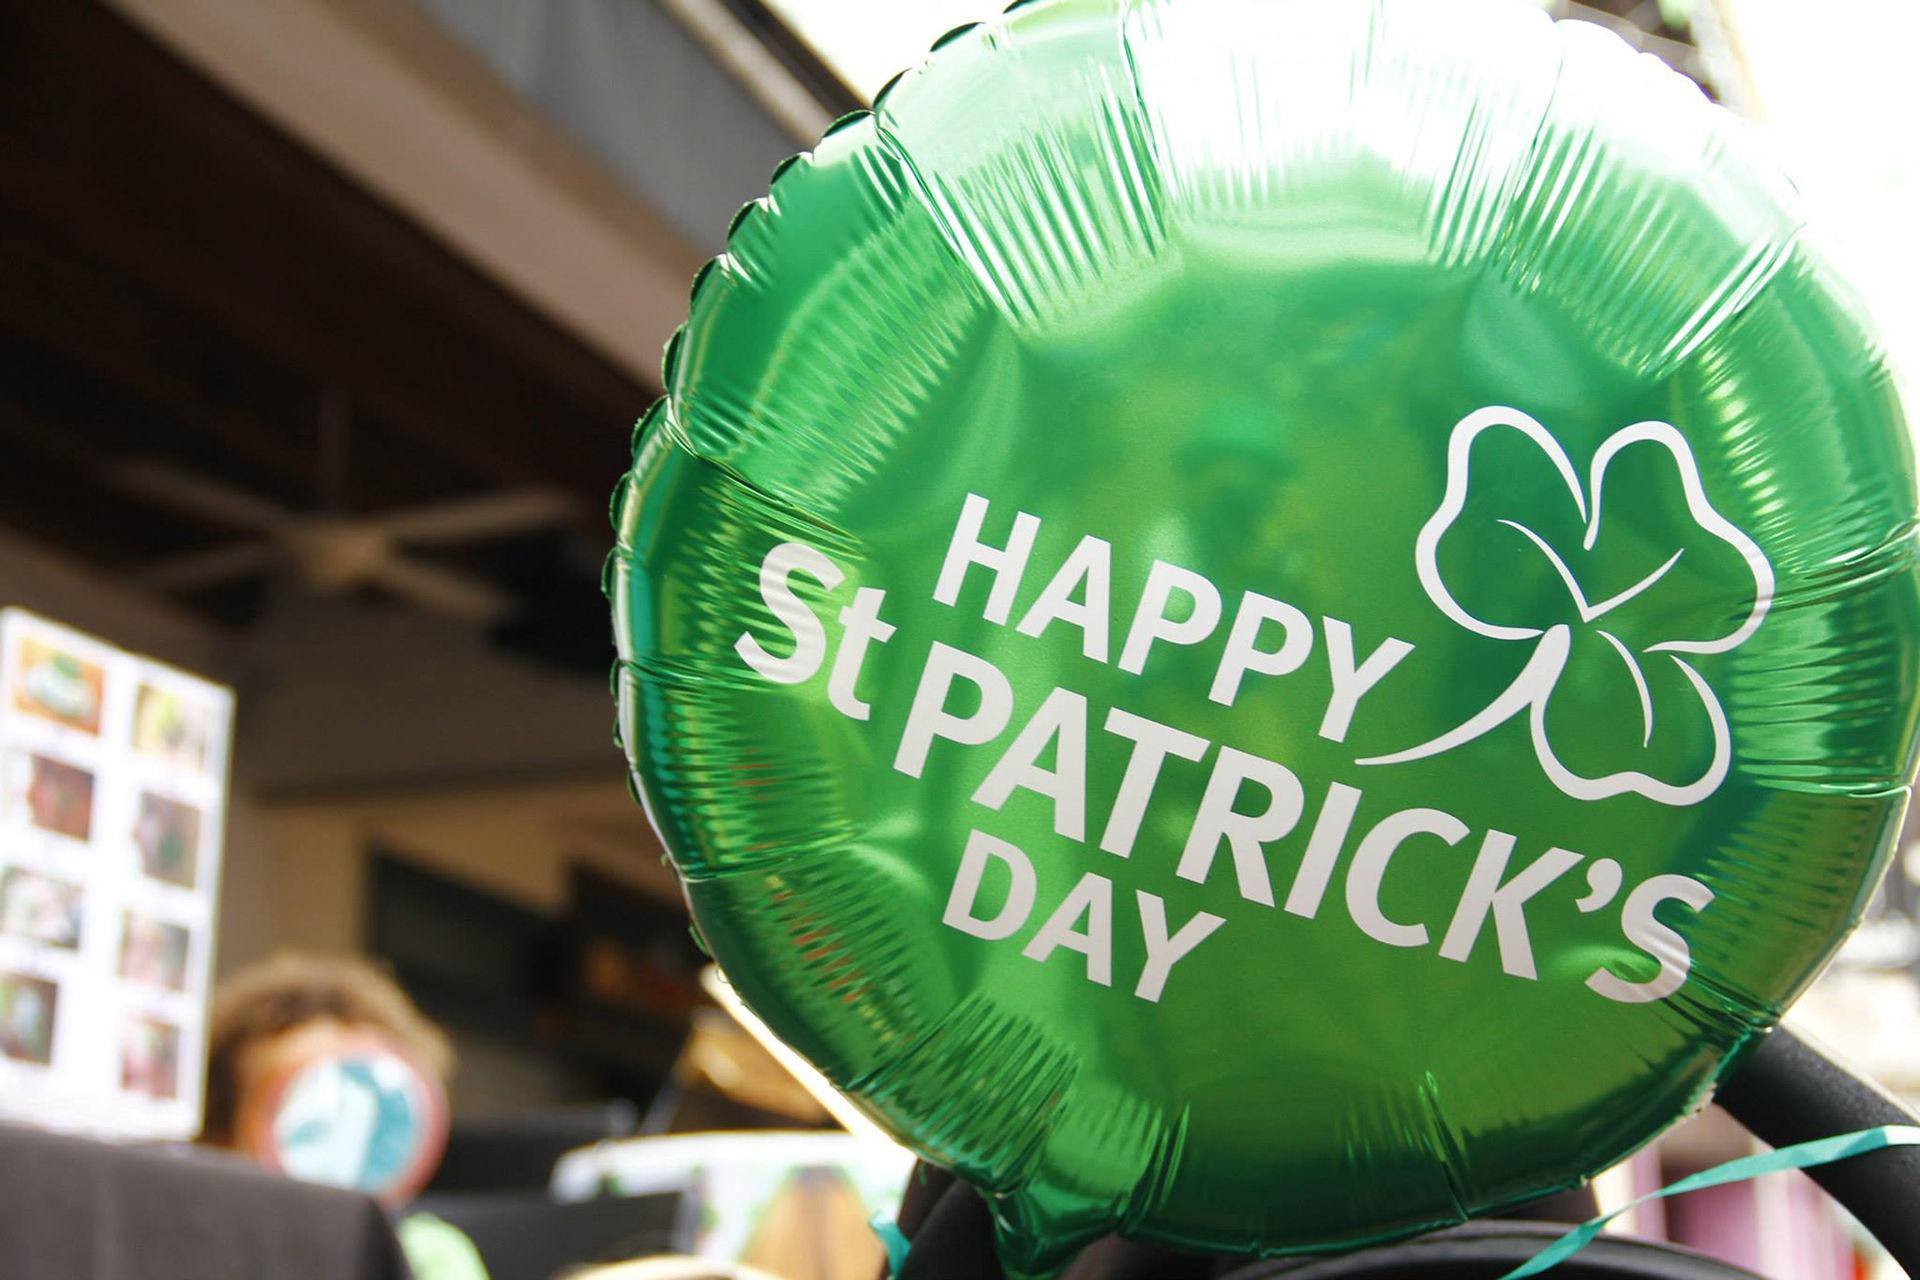 Tut i luren! Idag är det St. Patrick's Day!